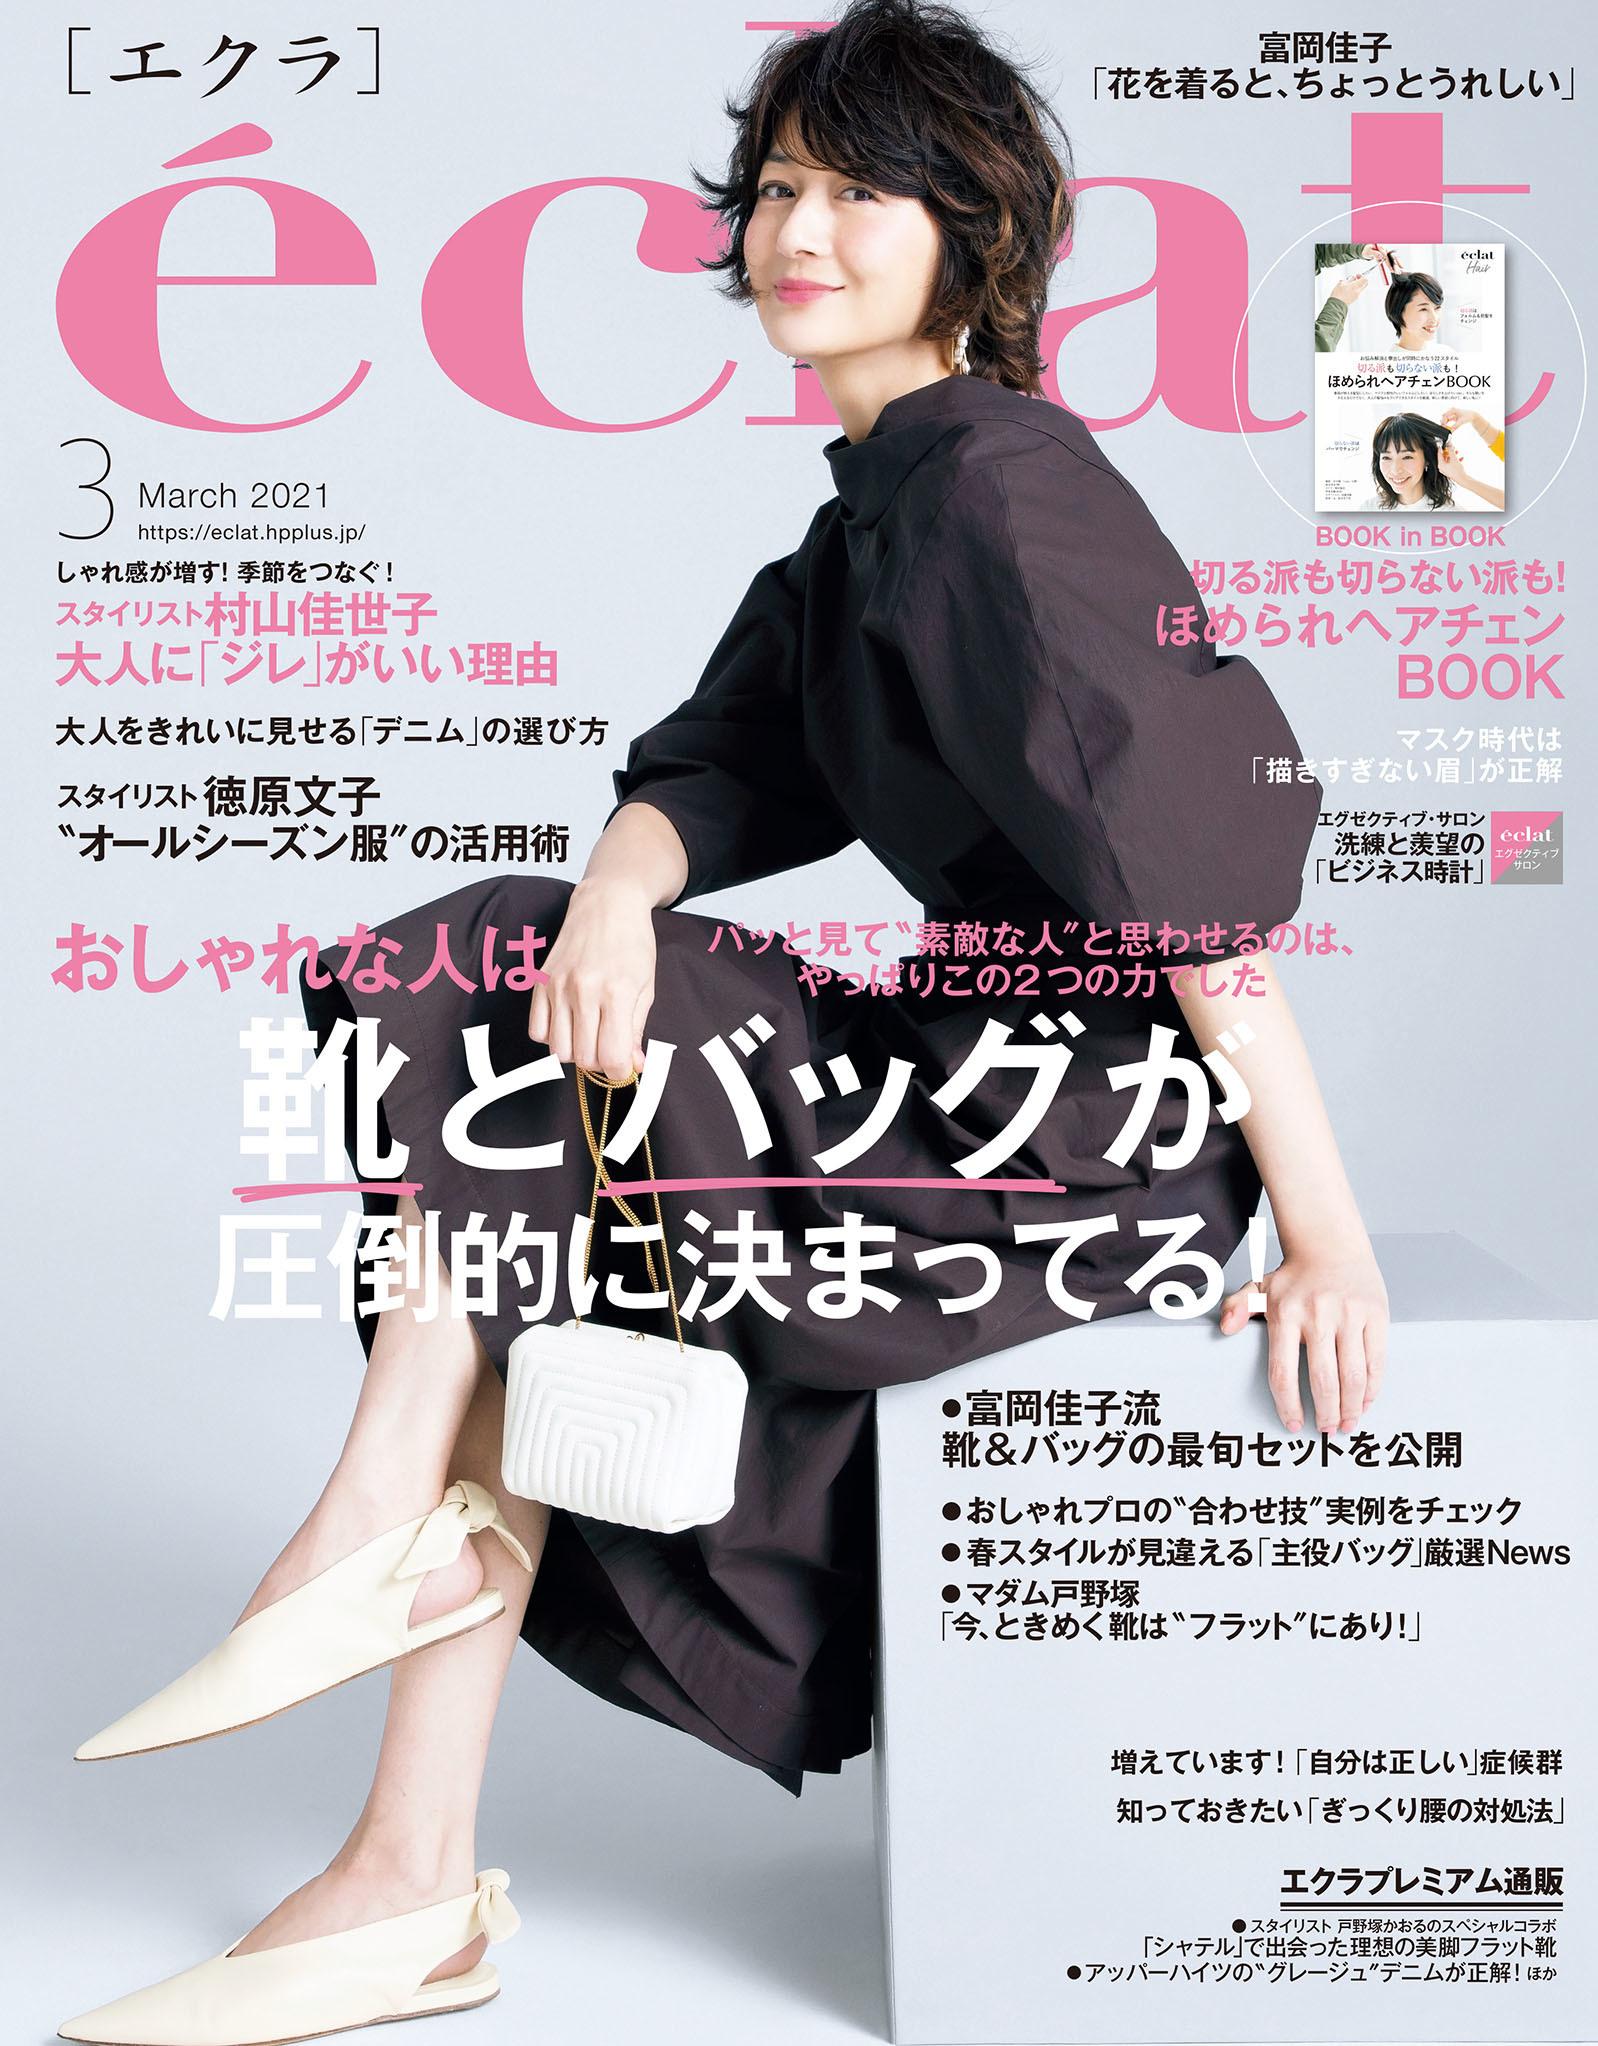 エクラ3月号の表紙、モデルは富岡佳子